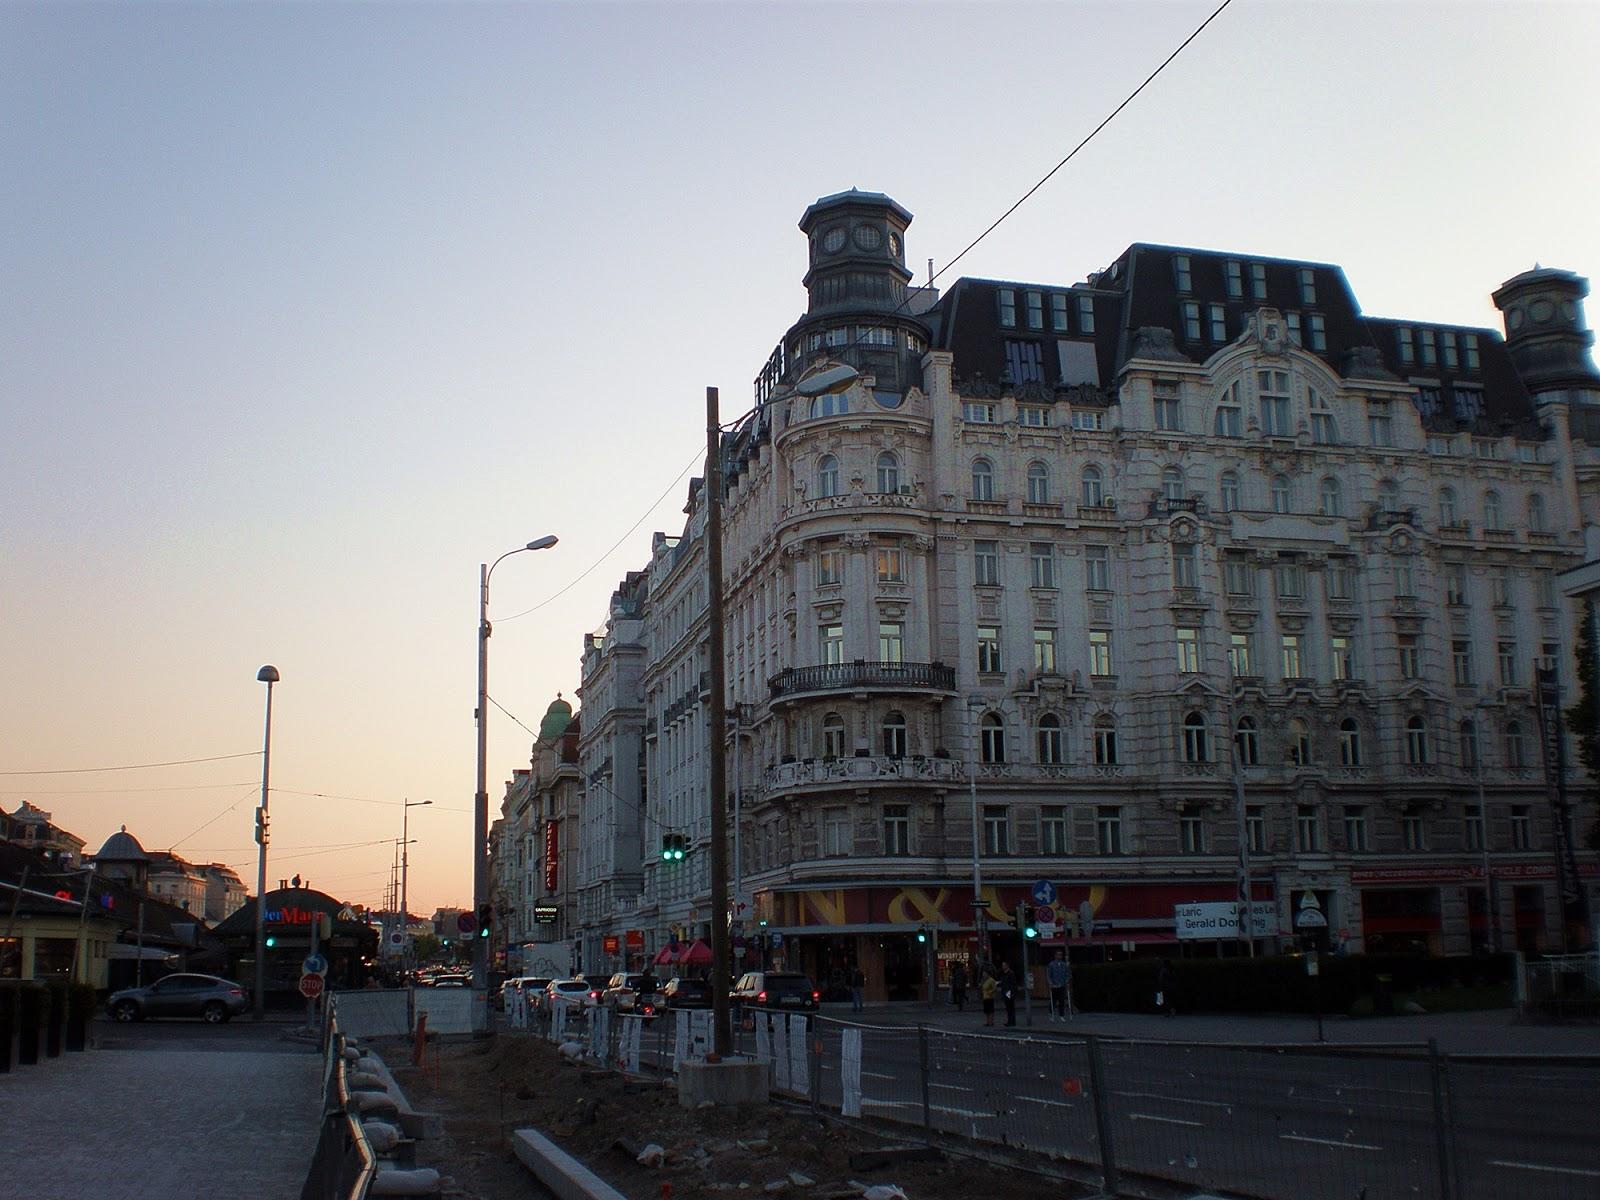 Ulica w Wiedniu